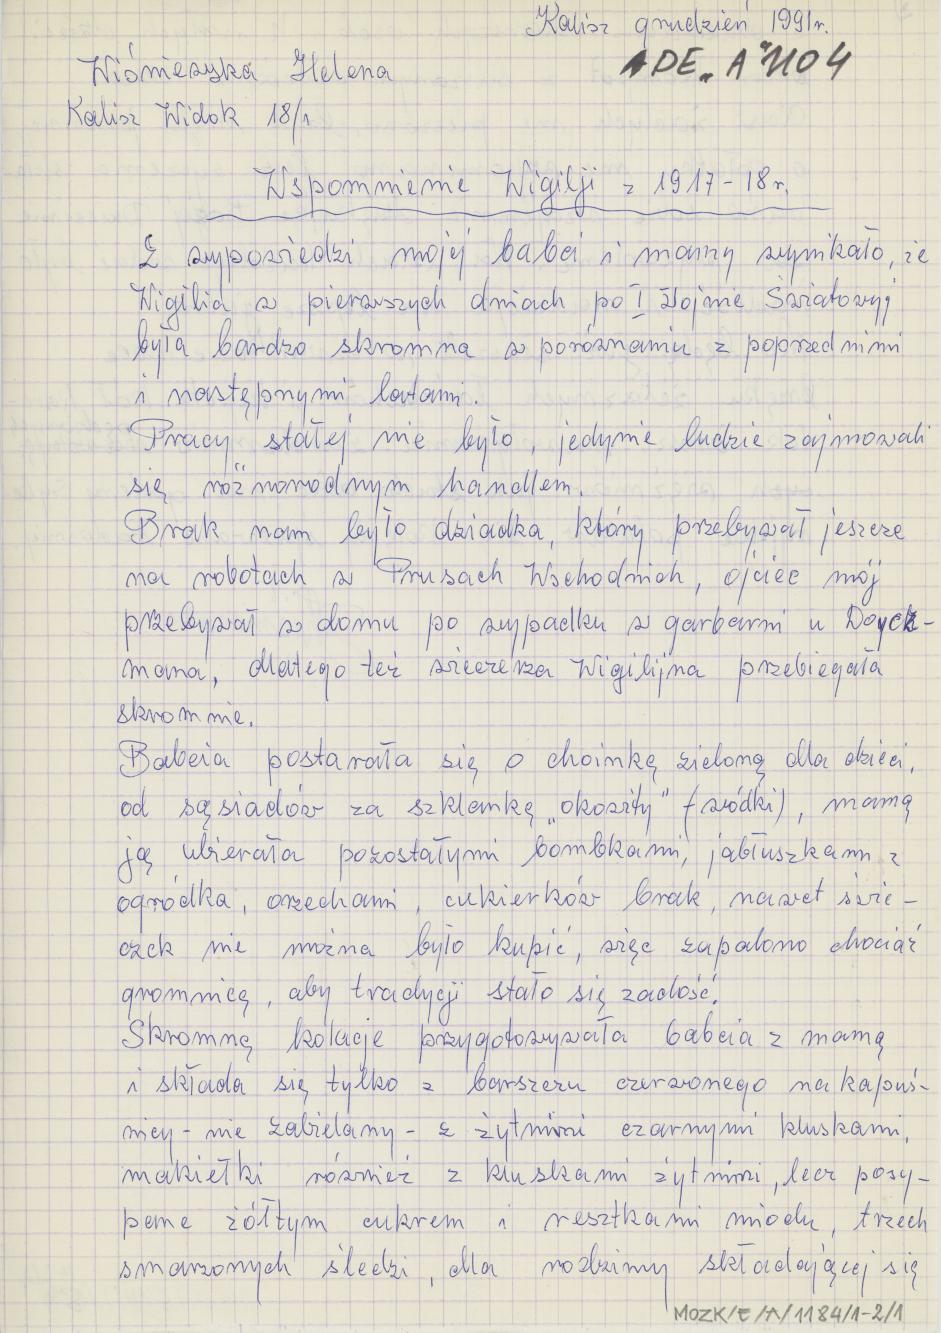 Wspomnienie Wigilii z 1917-18 r.